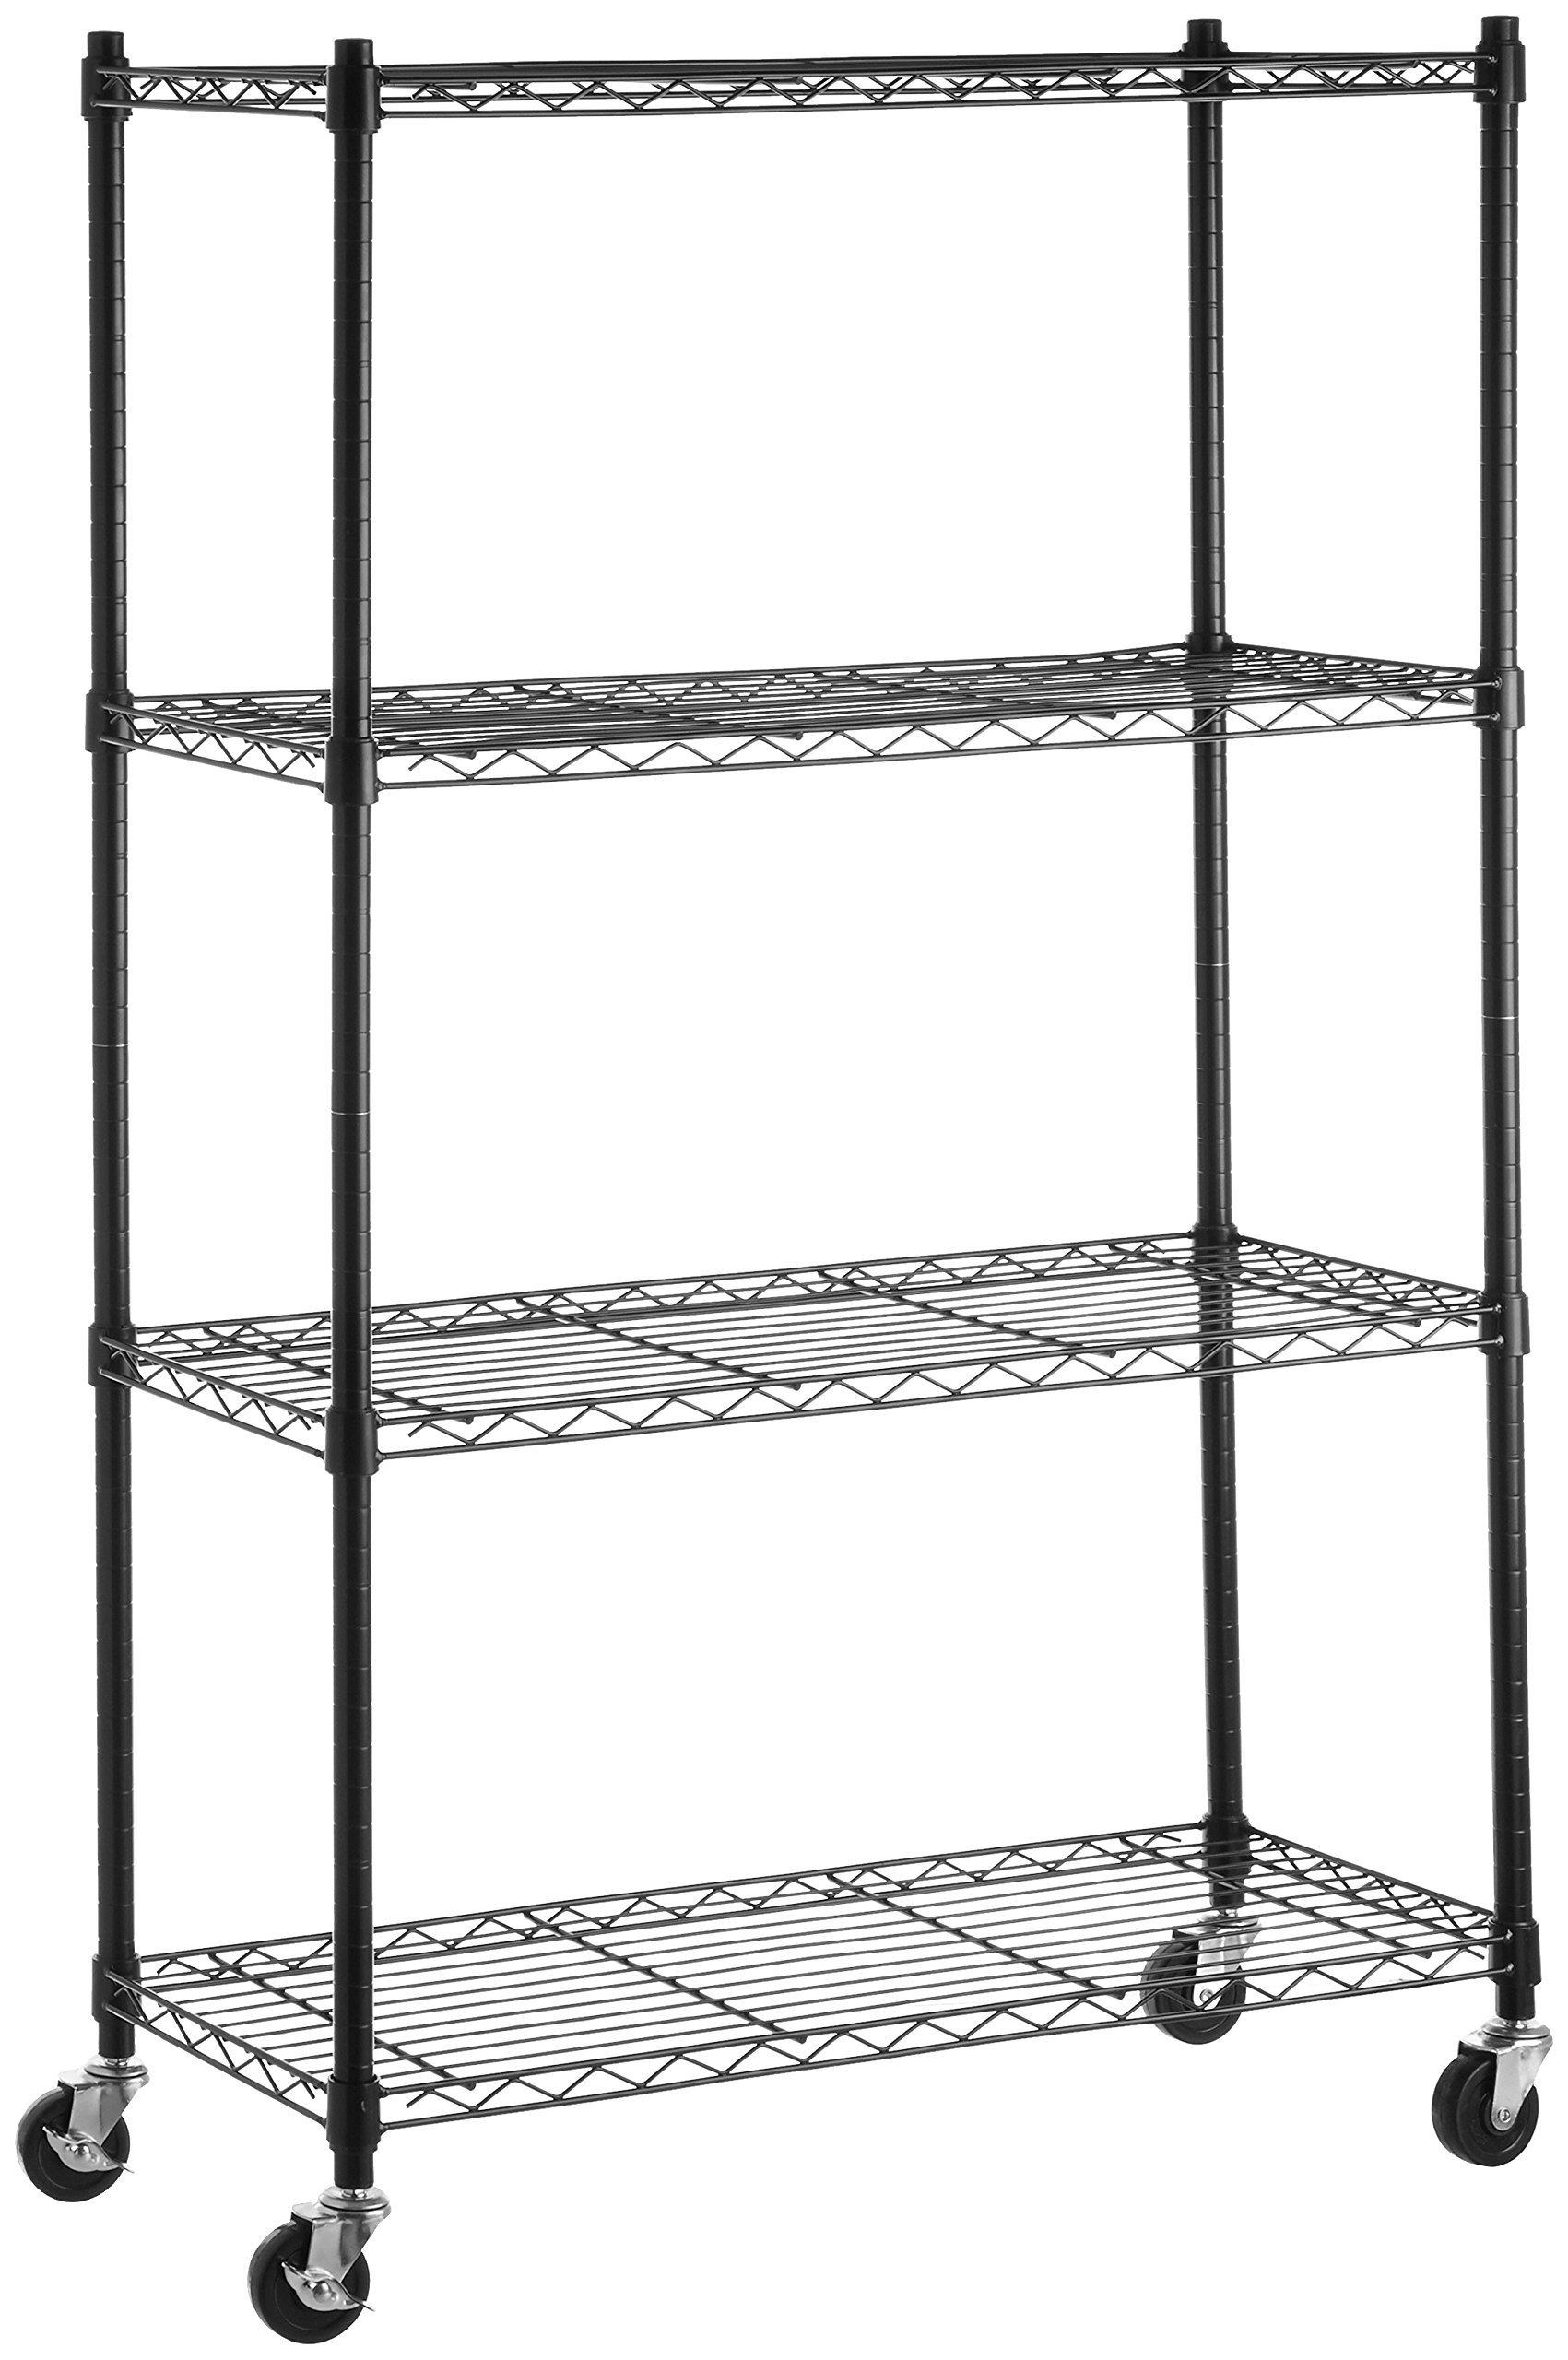 AmazonBasics 4-Shelf Shelving Unit on 3'' Casters, Black by AmazonBasics